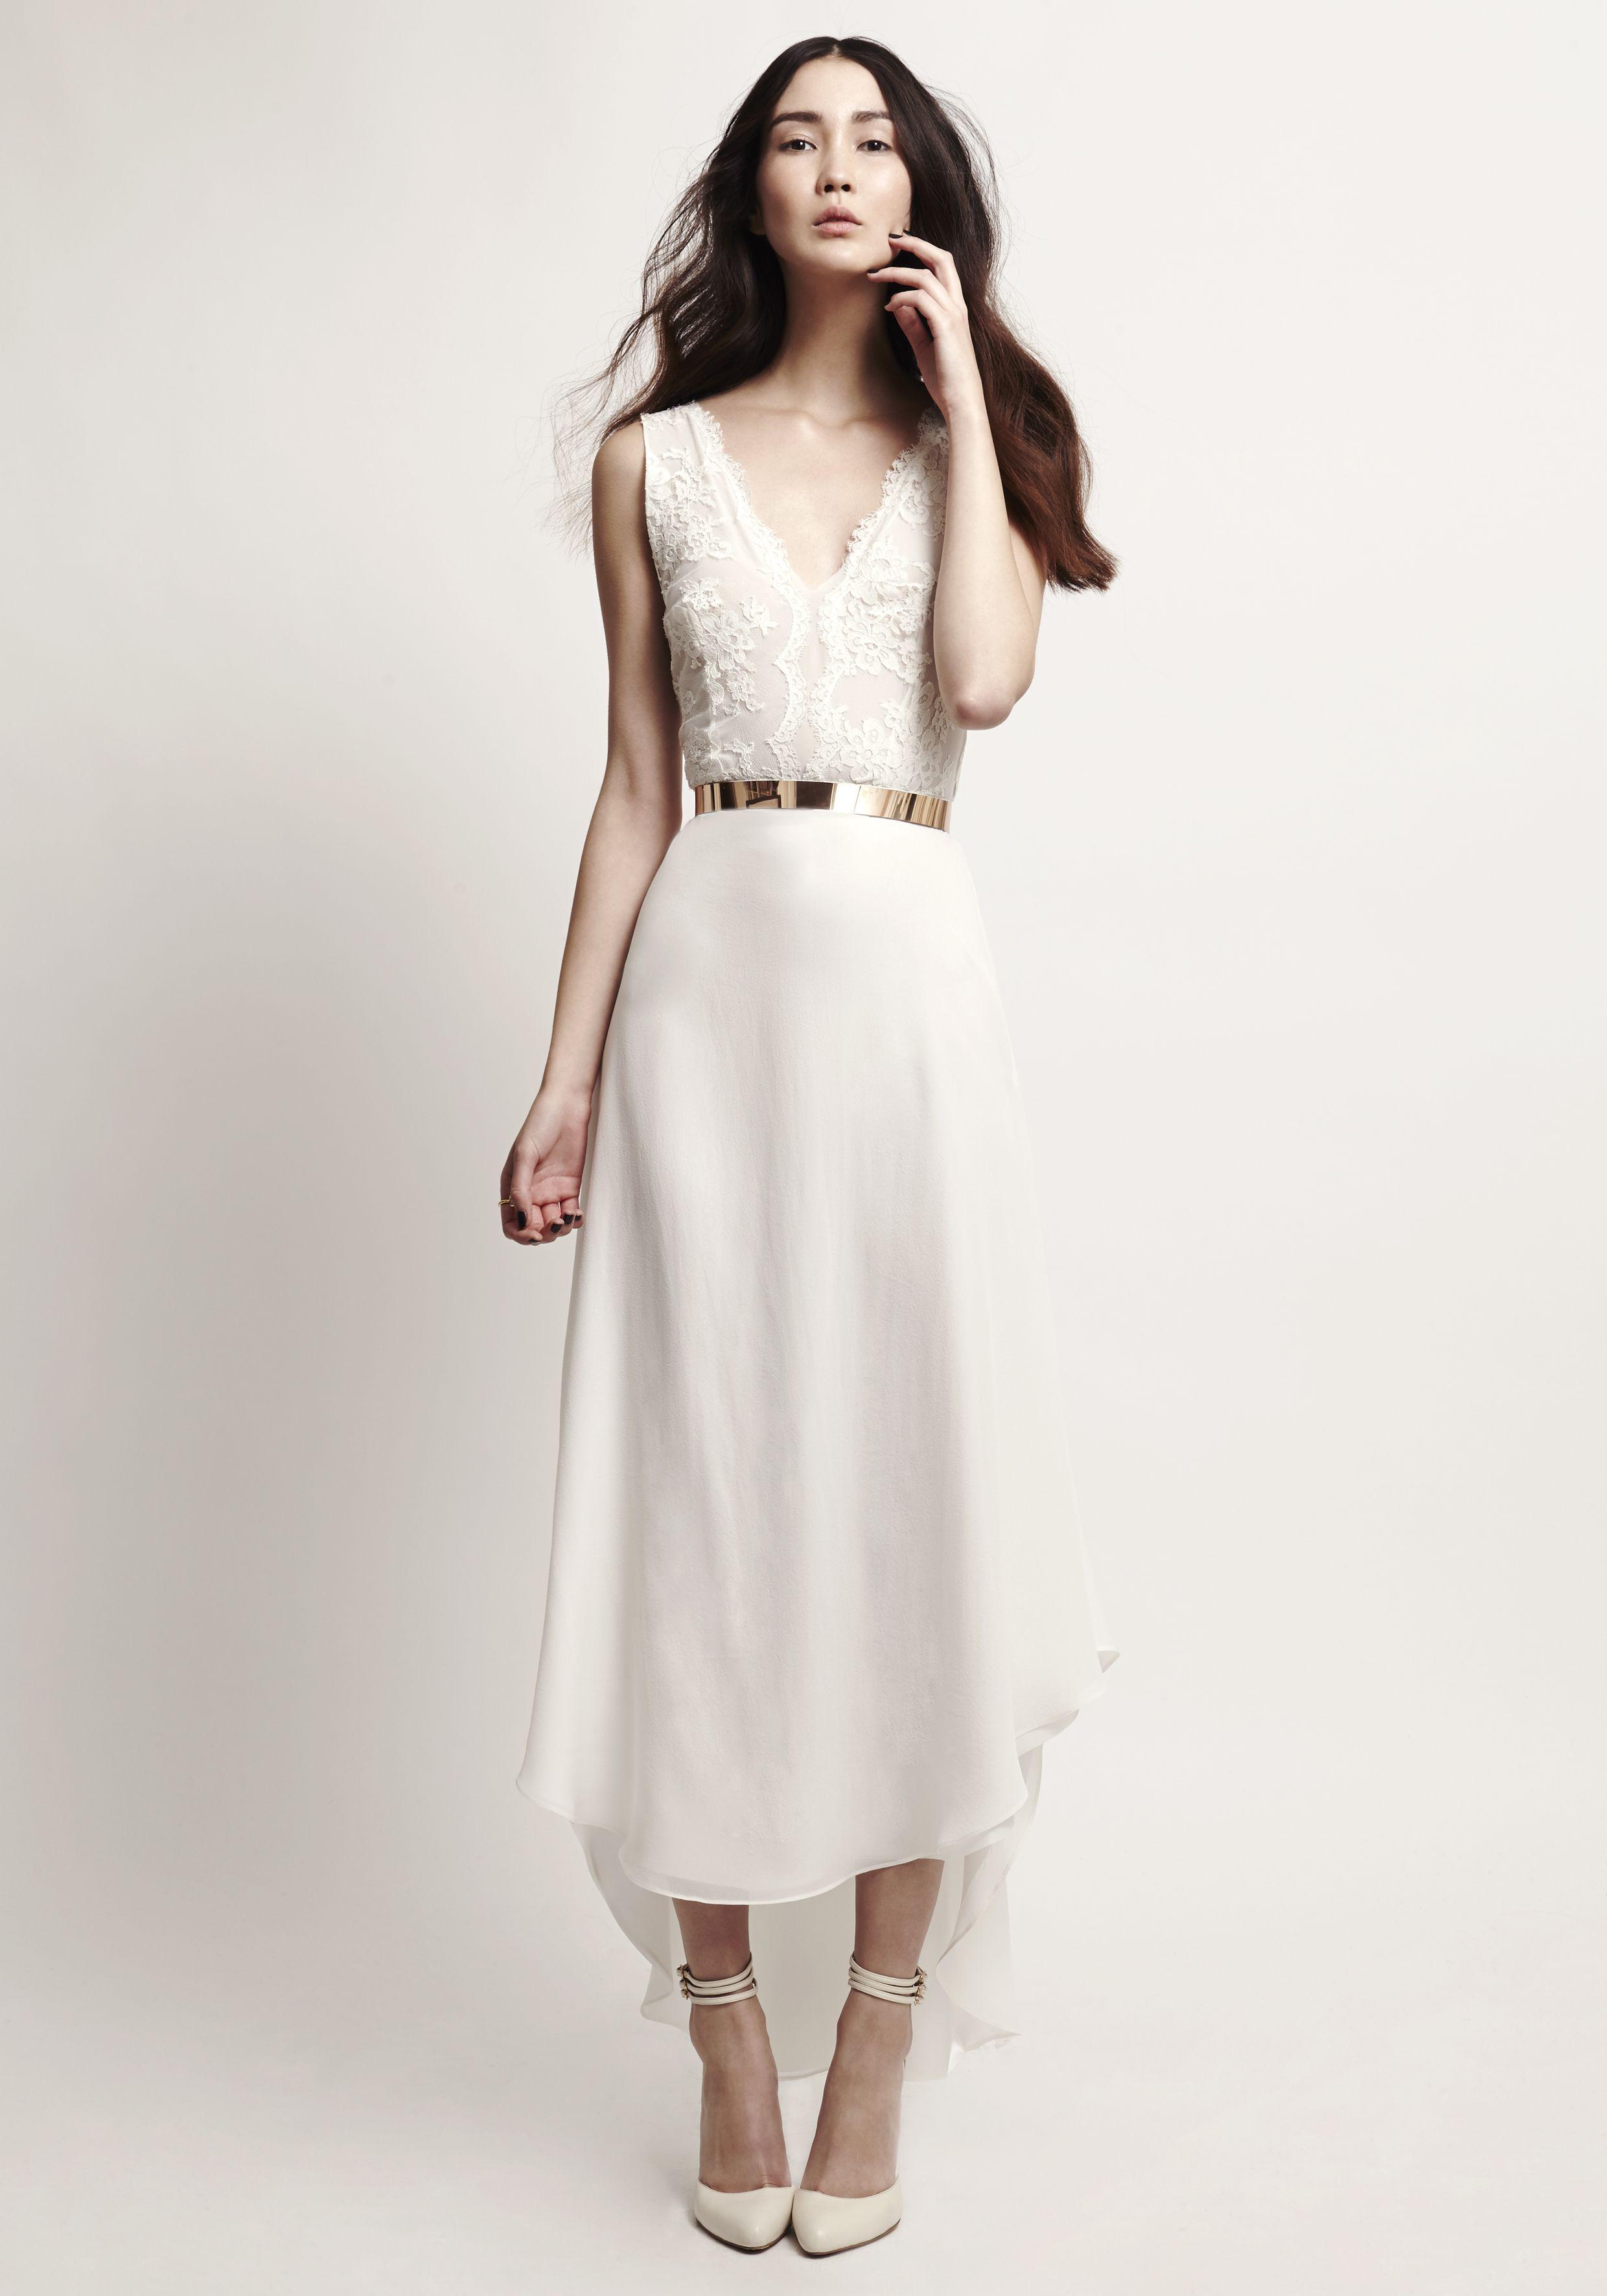 Wunderbar Vintage Kleider Für Eine Hochzeit Bilder - Brautkleider ...